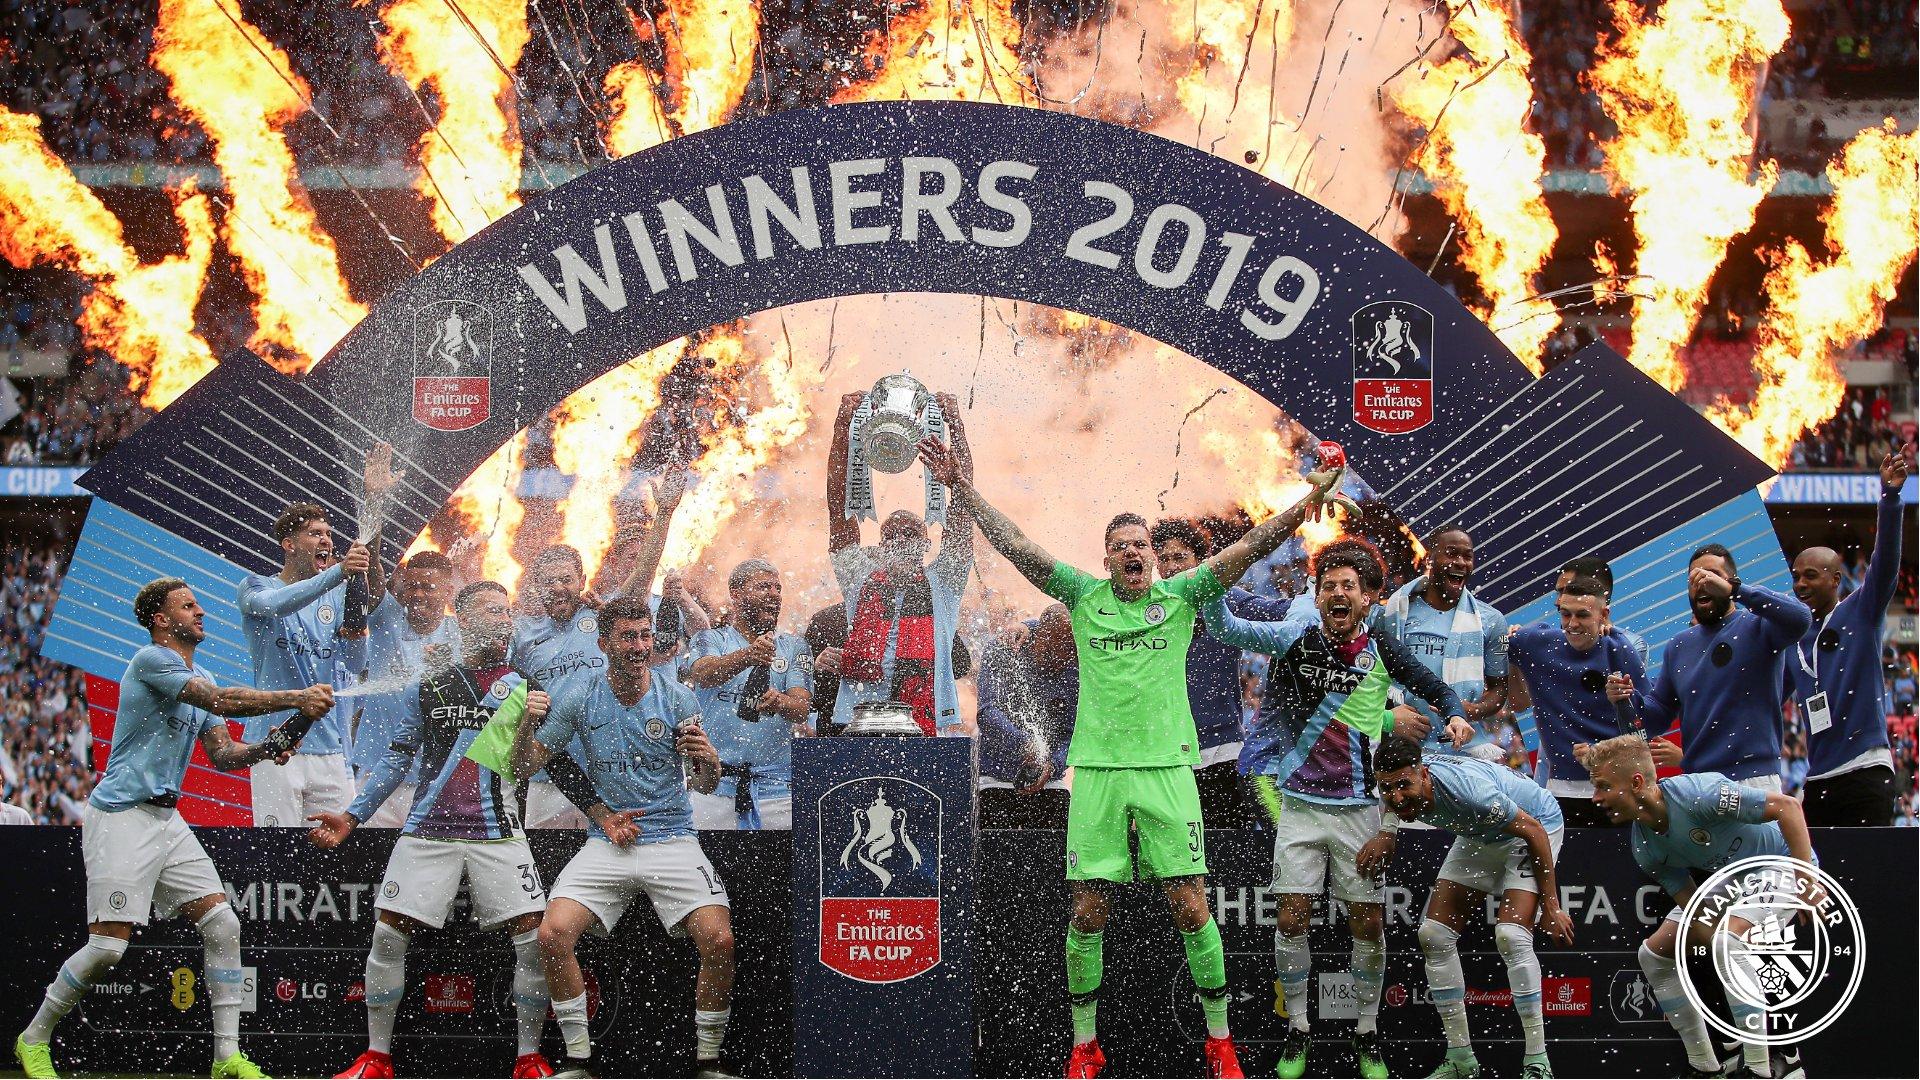 ¿Cuánto dinero perderá el Manchester City al no participar en la Champions League?